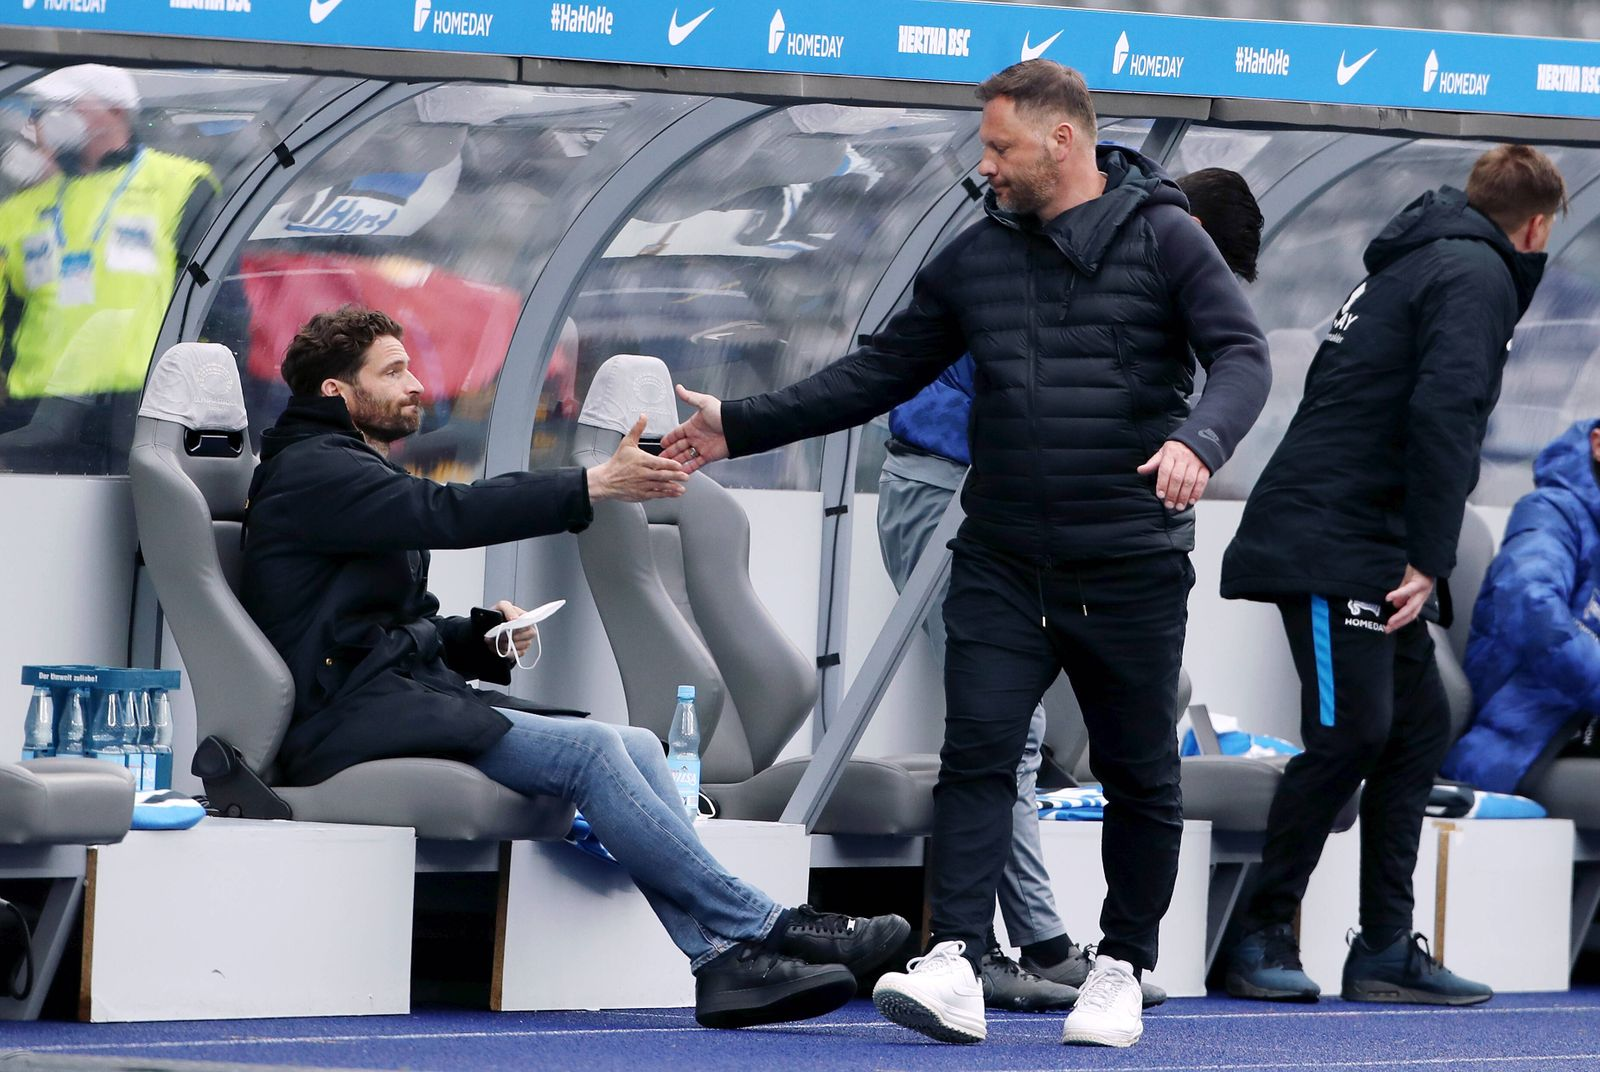 Sportdirektor Arne Friedrich, Trainer Pal Dardai nach Spielende / / Fußball Fussball / DFL Bundesliga Herren / Saison 20